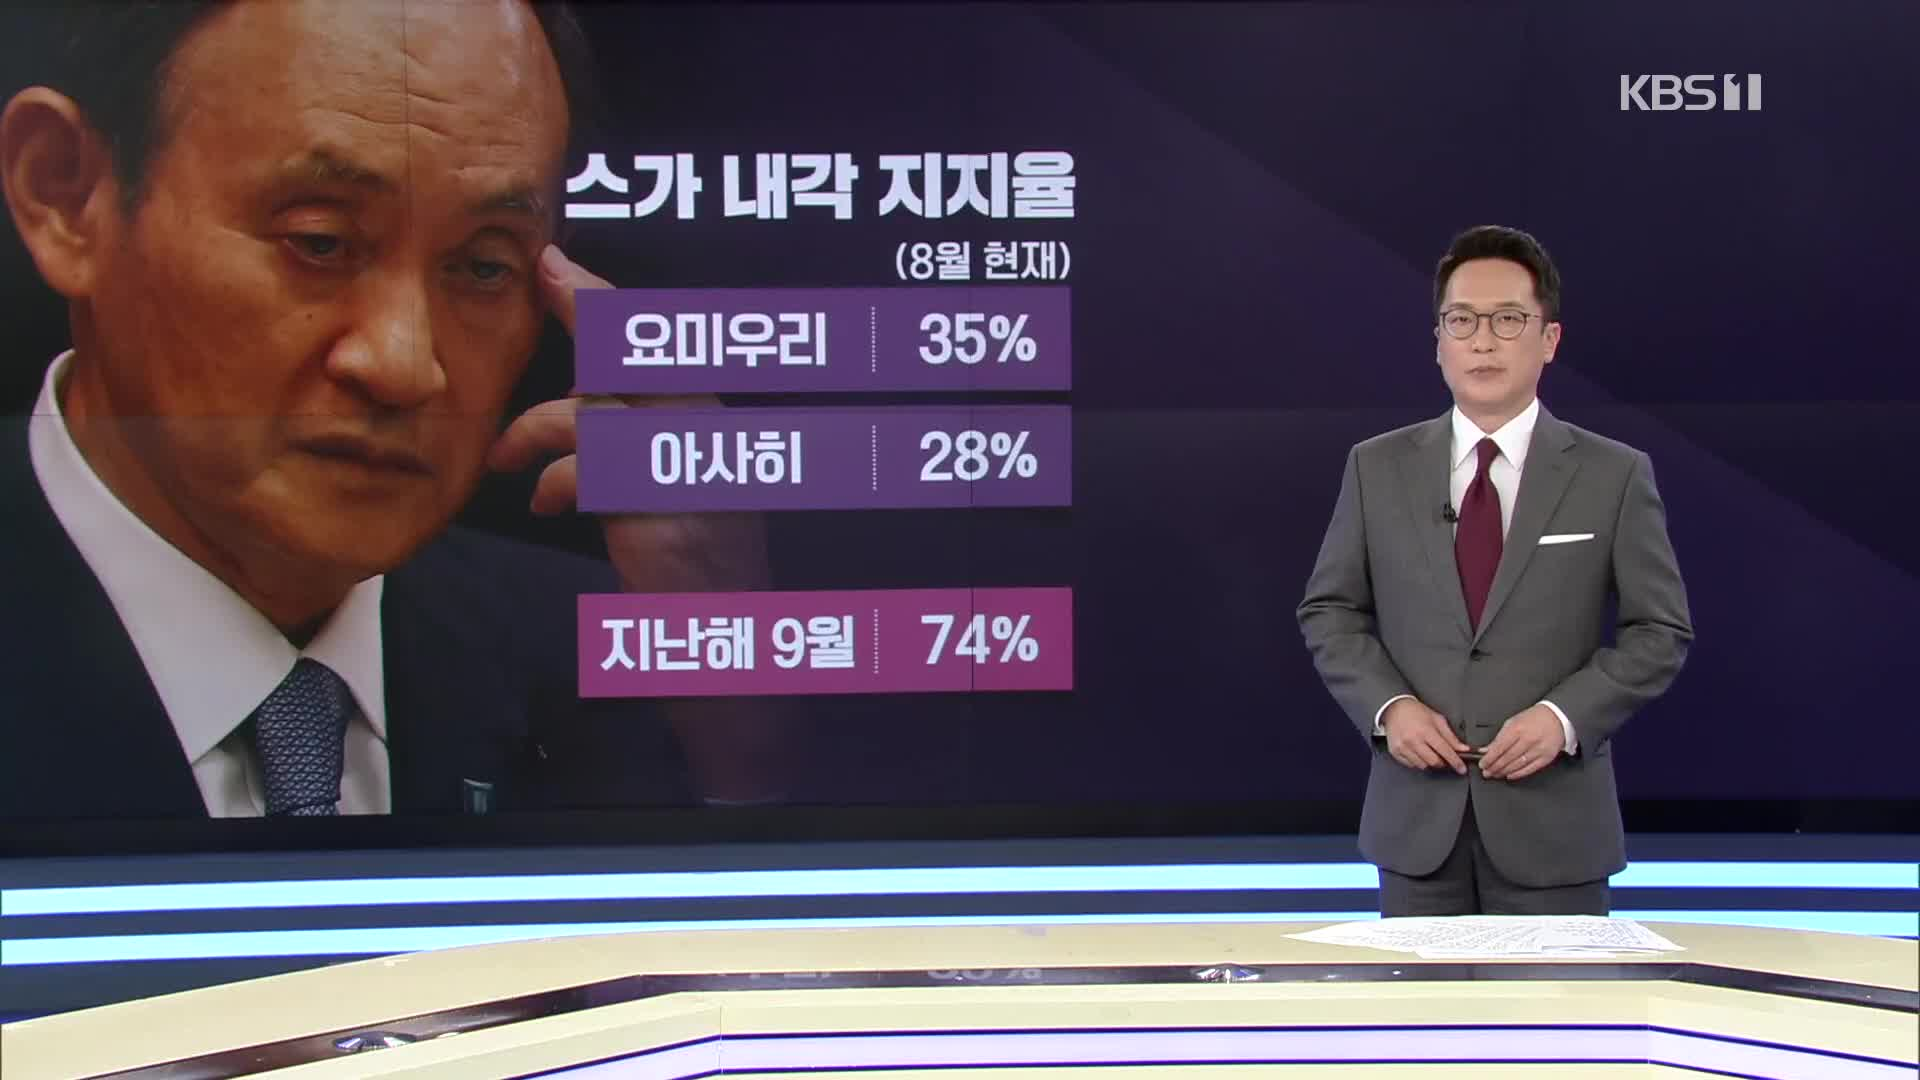 도쿄올림픽 '빚더미' 계산서…스가 총리 지지율, '바닥'